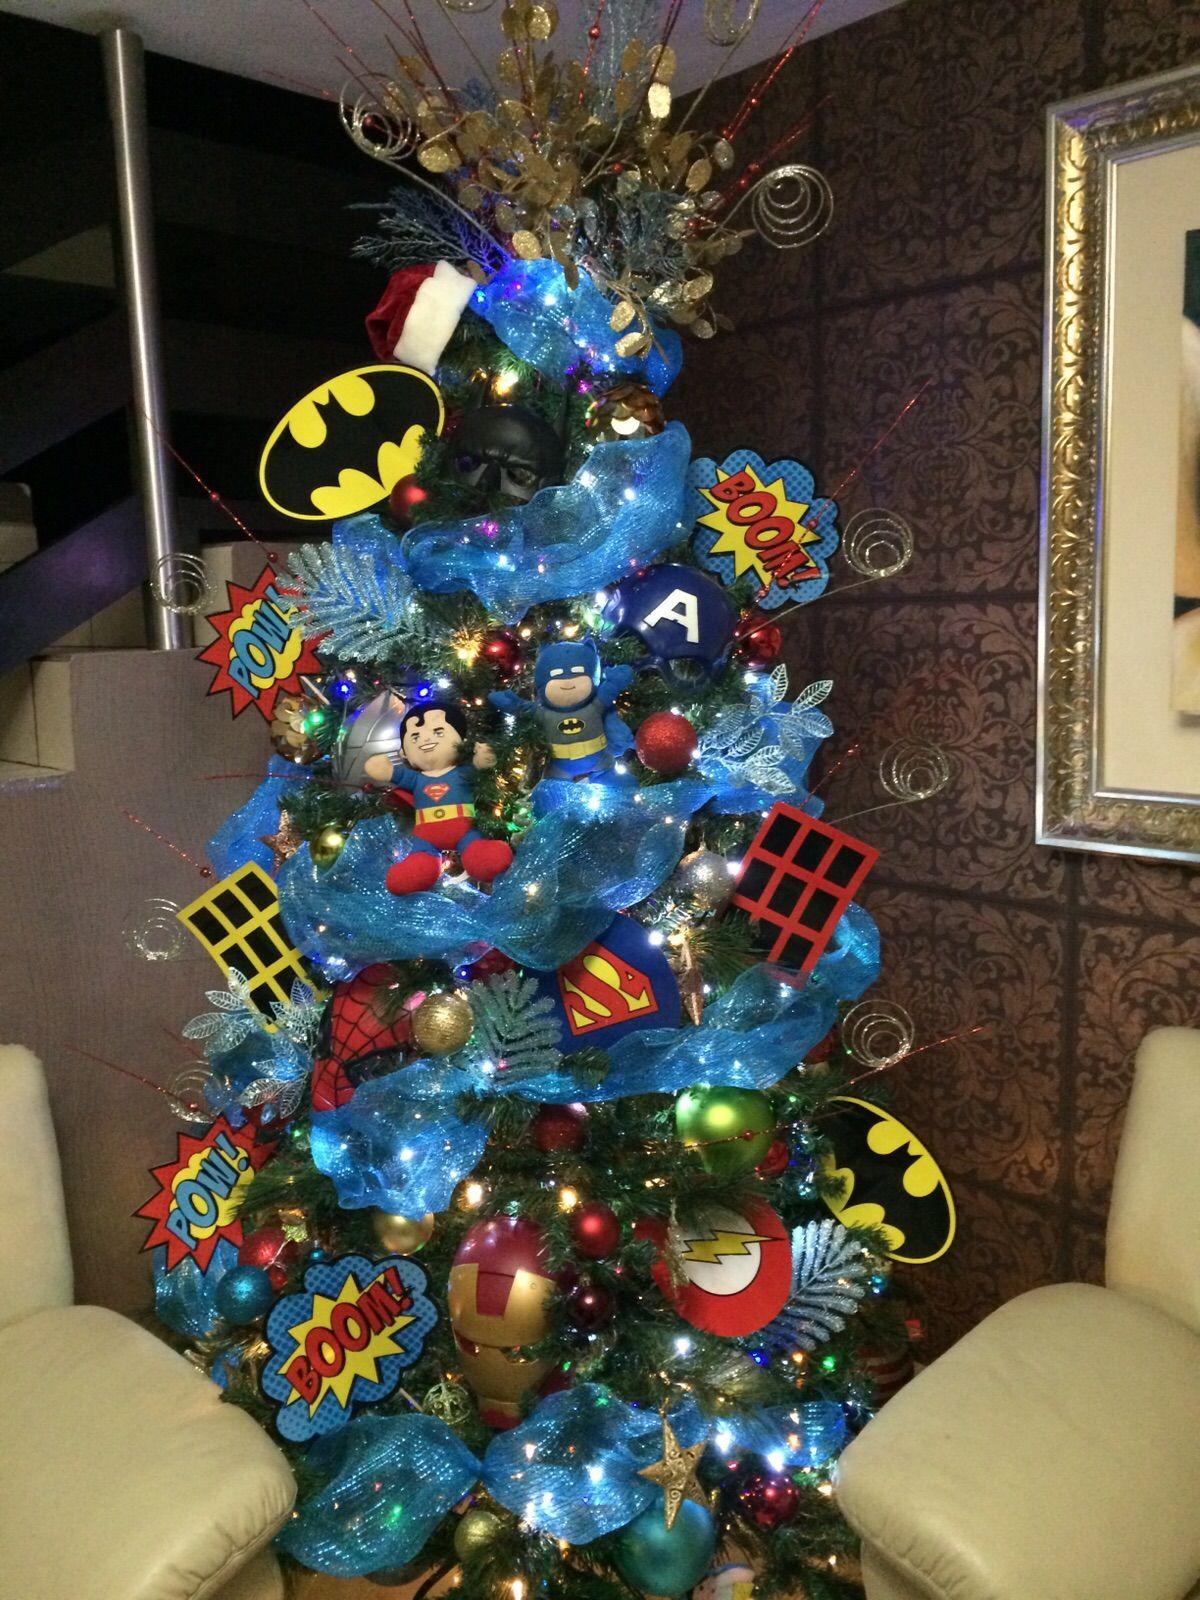 arbolitos de navidad infantil de super heroes batman spiderman superman - Arbolitos De Navidad